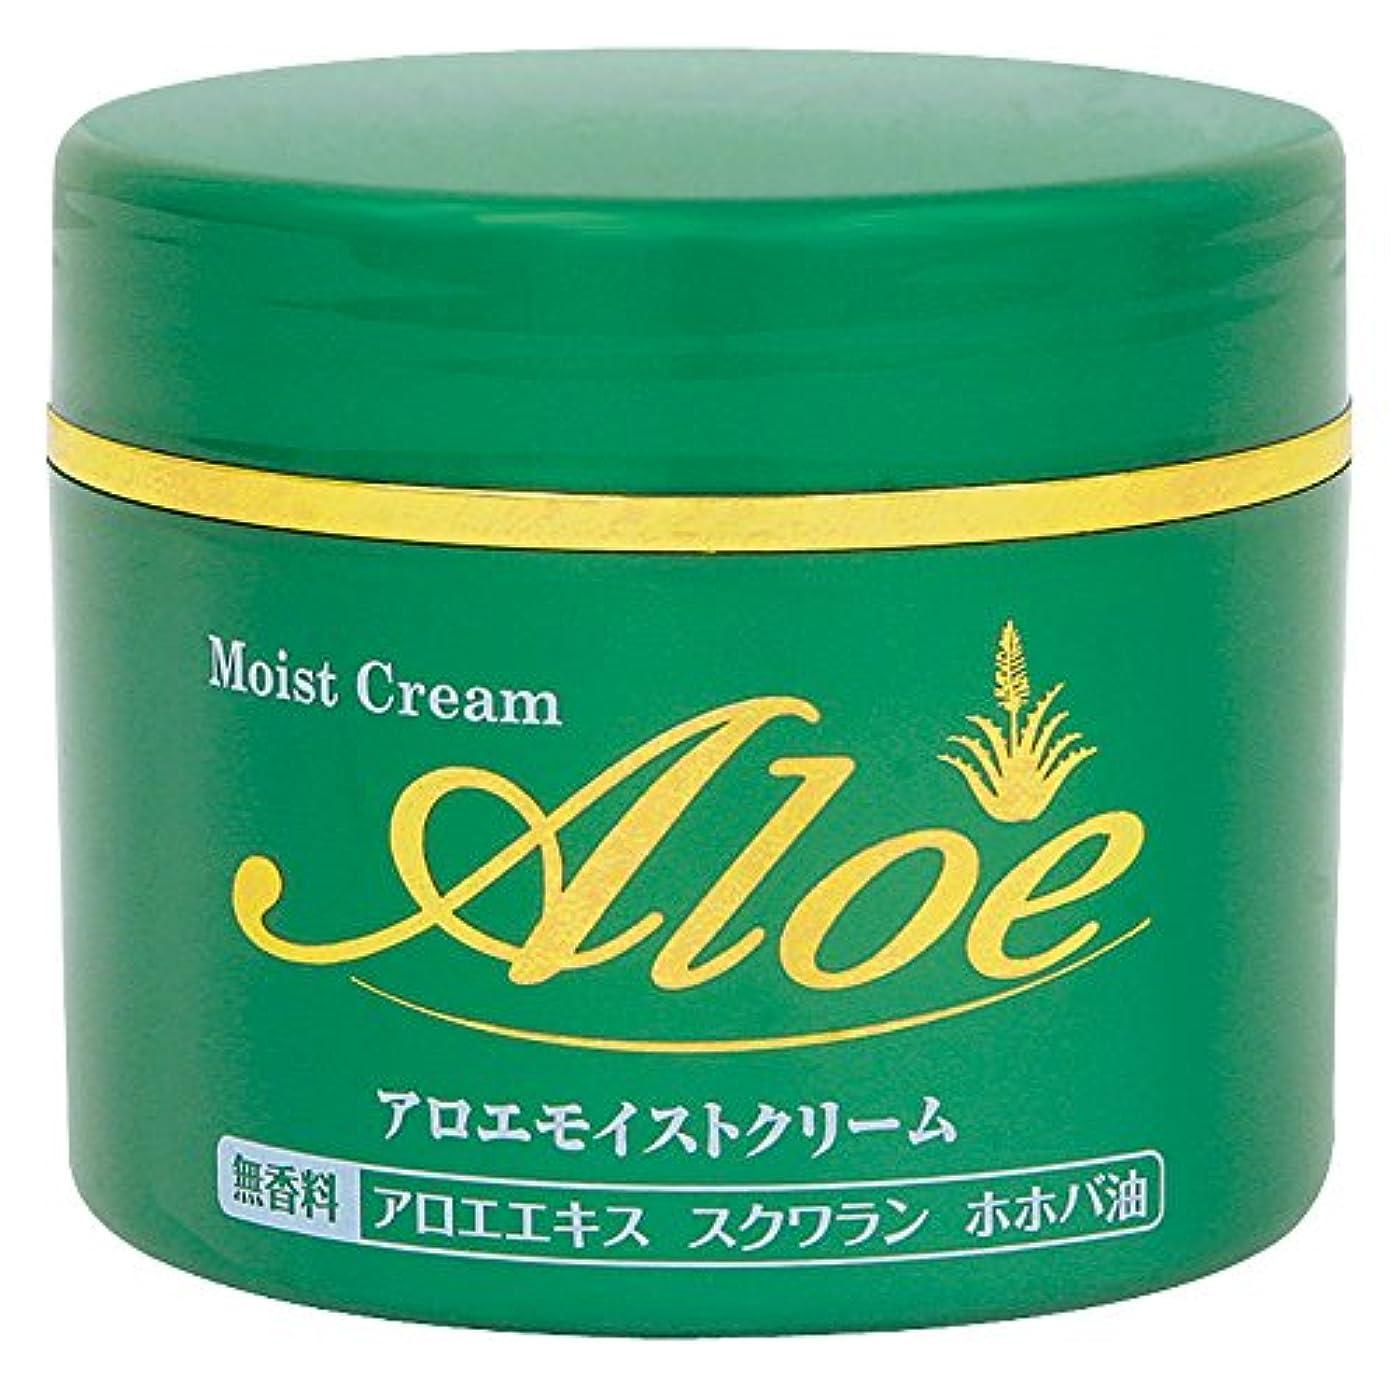 その他自動横向き井藤漢方製薬 アロエモイストクリーム 160g (アロエクリーム 化粧品)